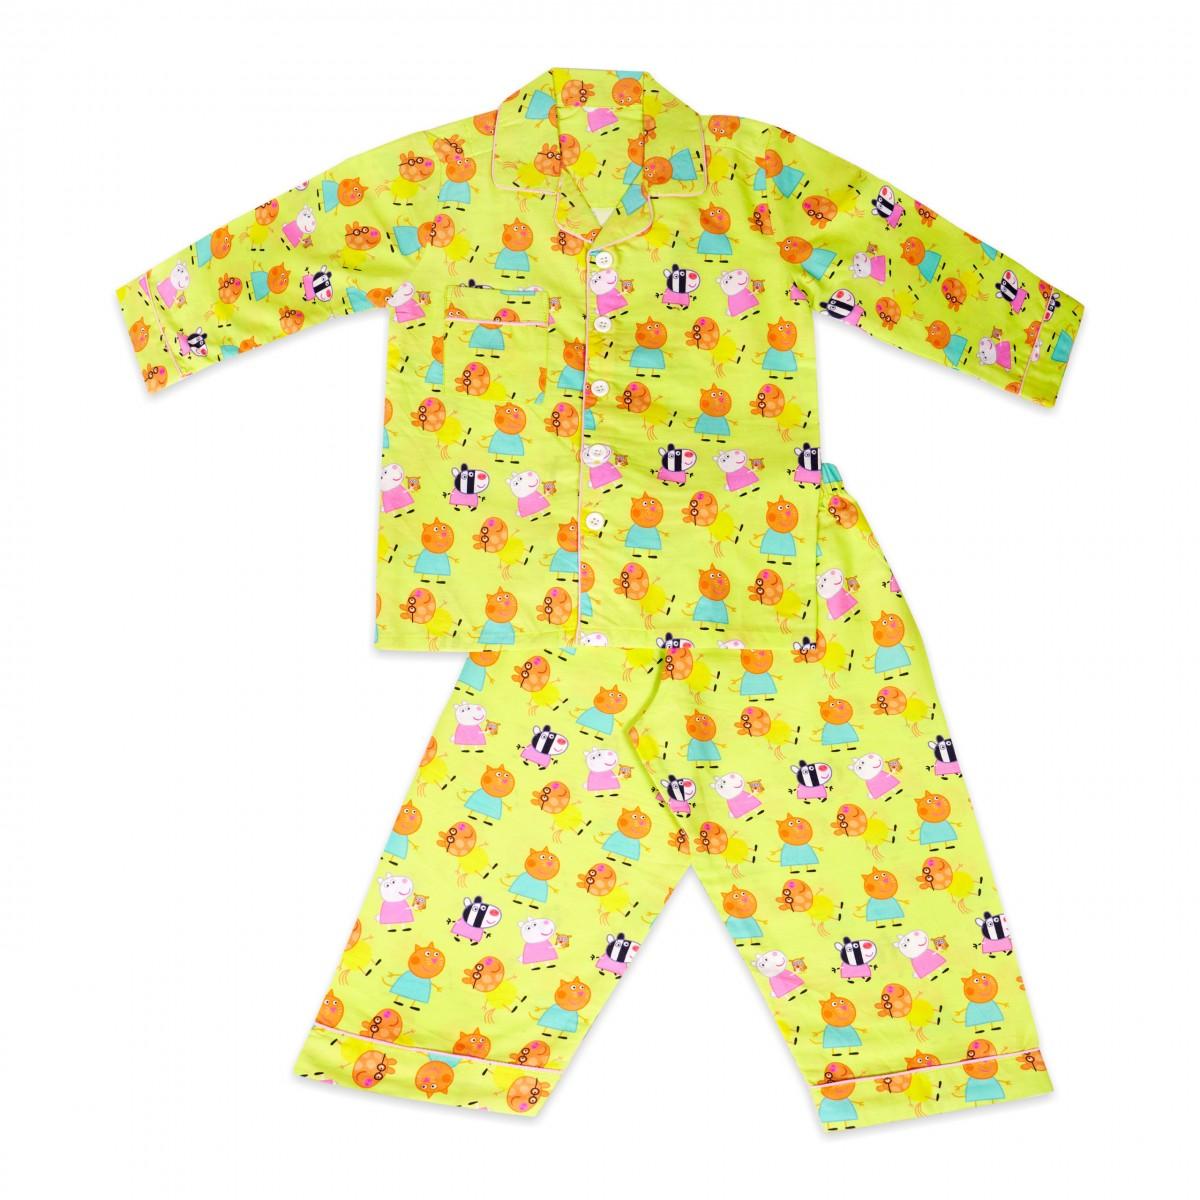 Friendly peppa pig nightsuit - Kids